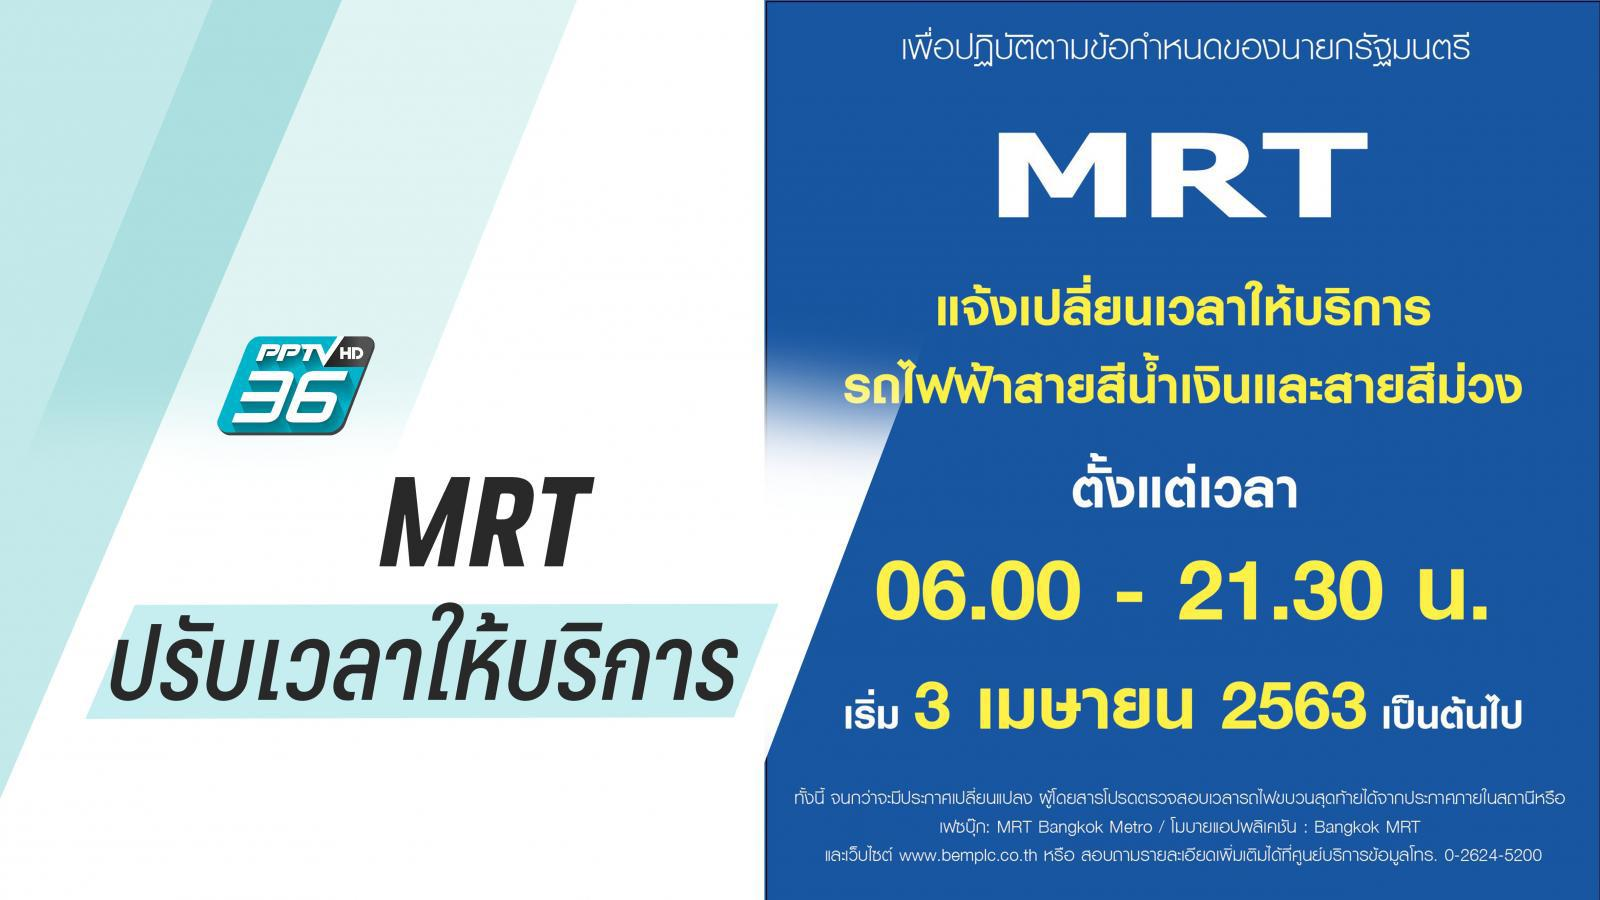 MRT ปิดให้บริการ 21.30 น. เริ่ม 3 เม.ย.